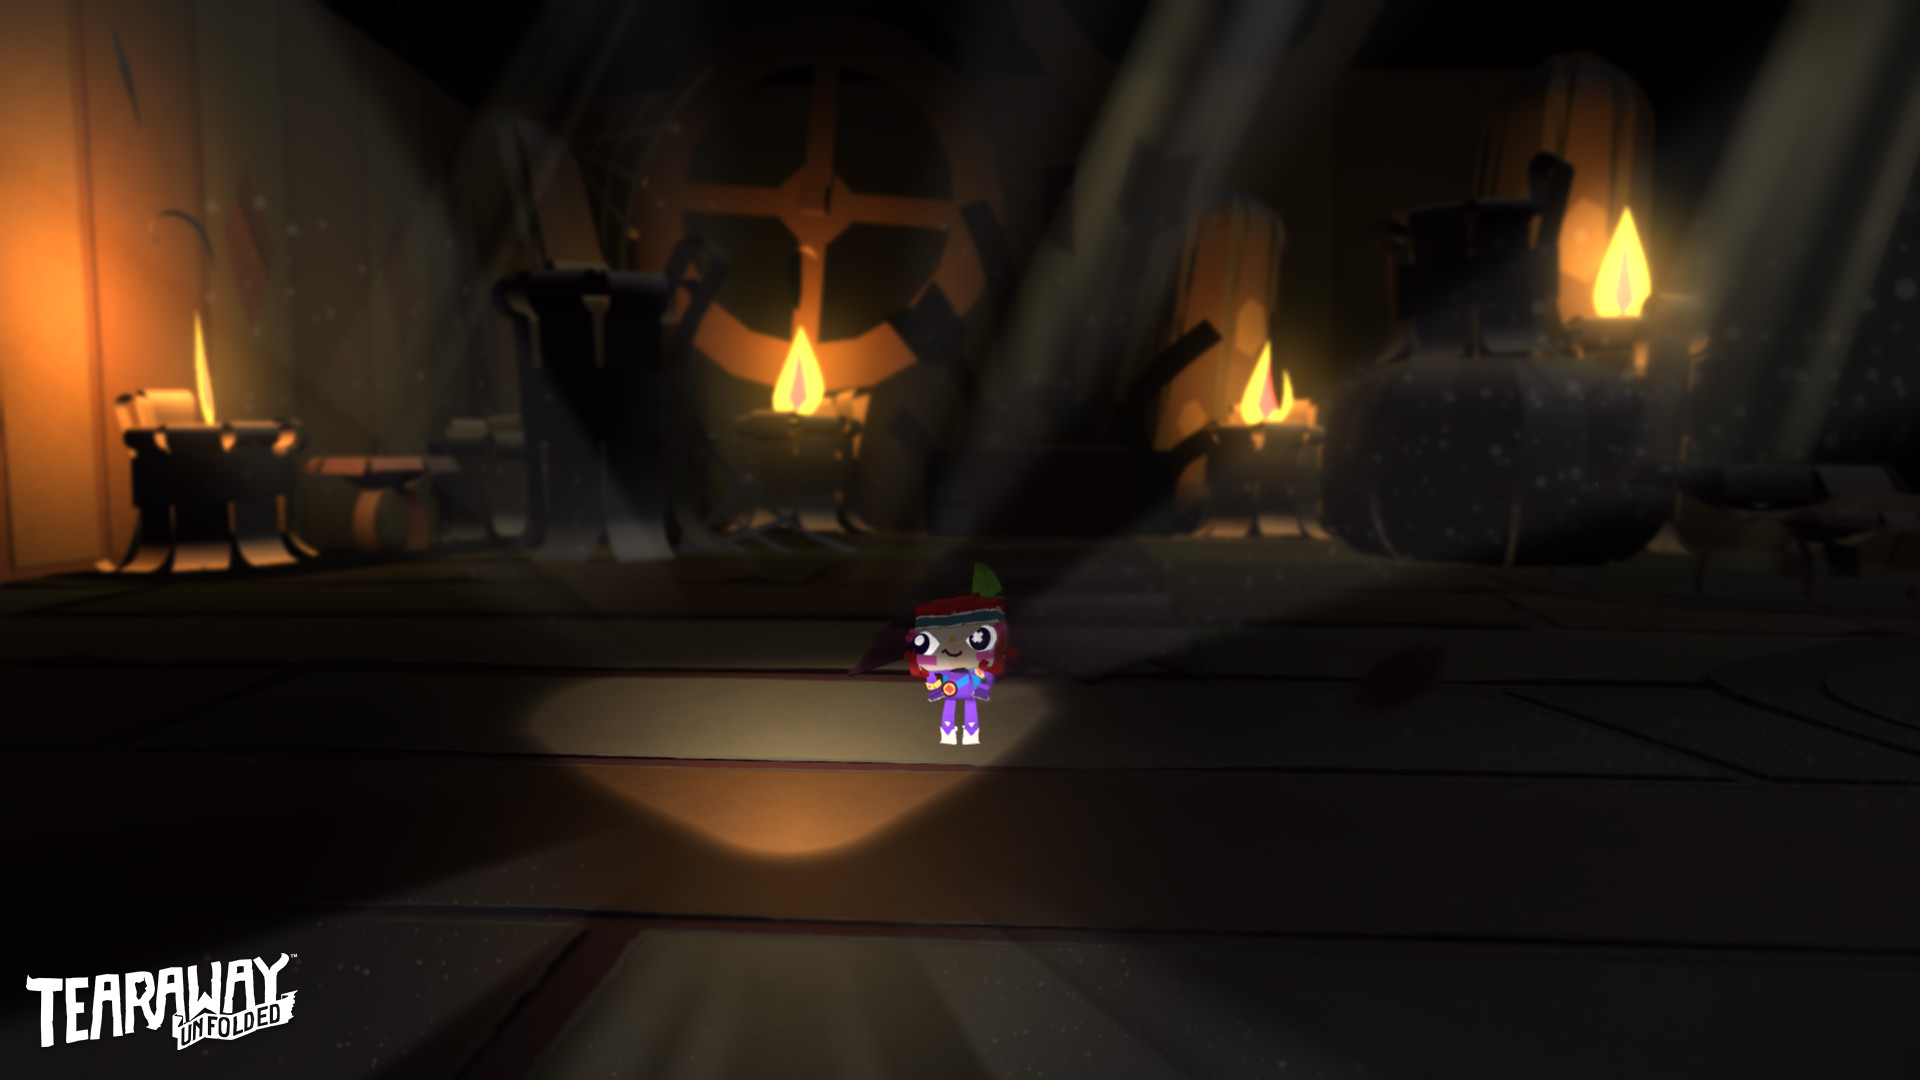 Скриншот Tearaway Unfolded